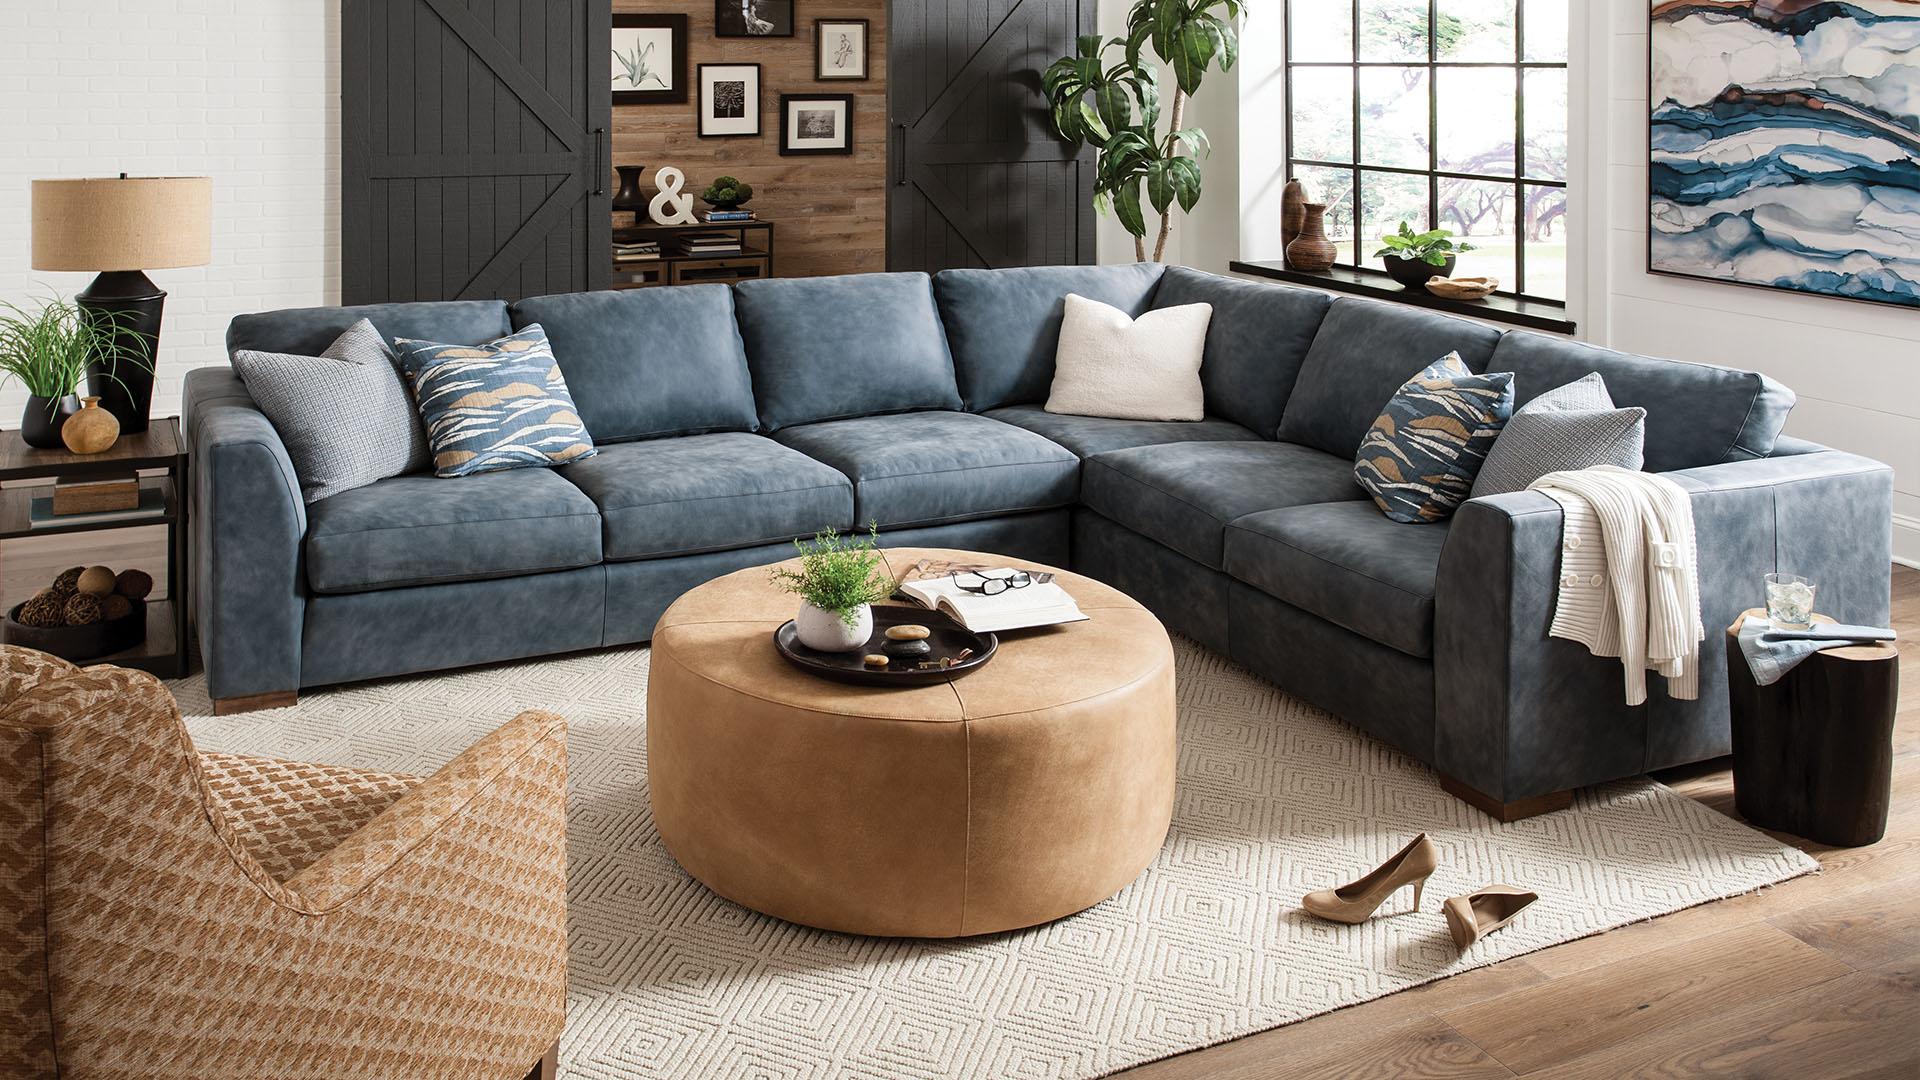 257-HD-room-setting